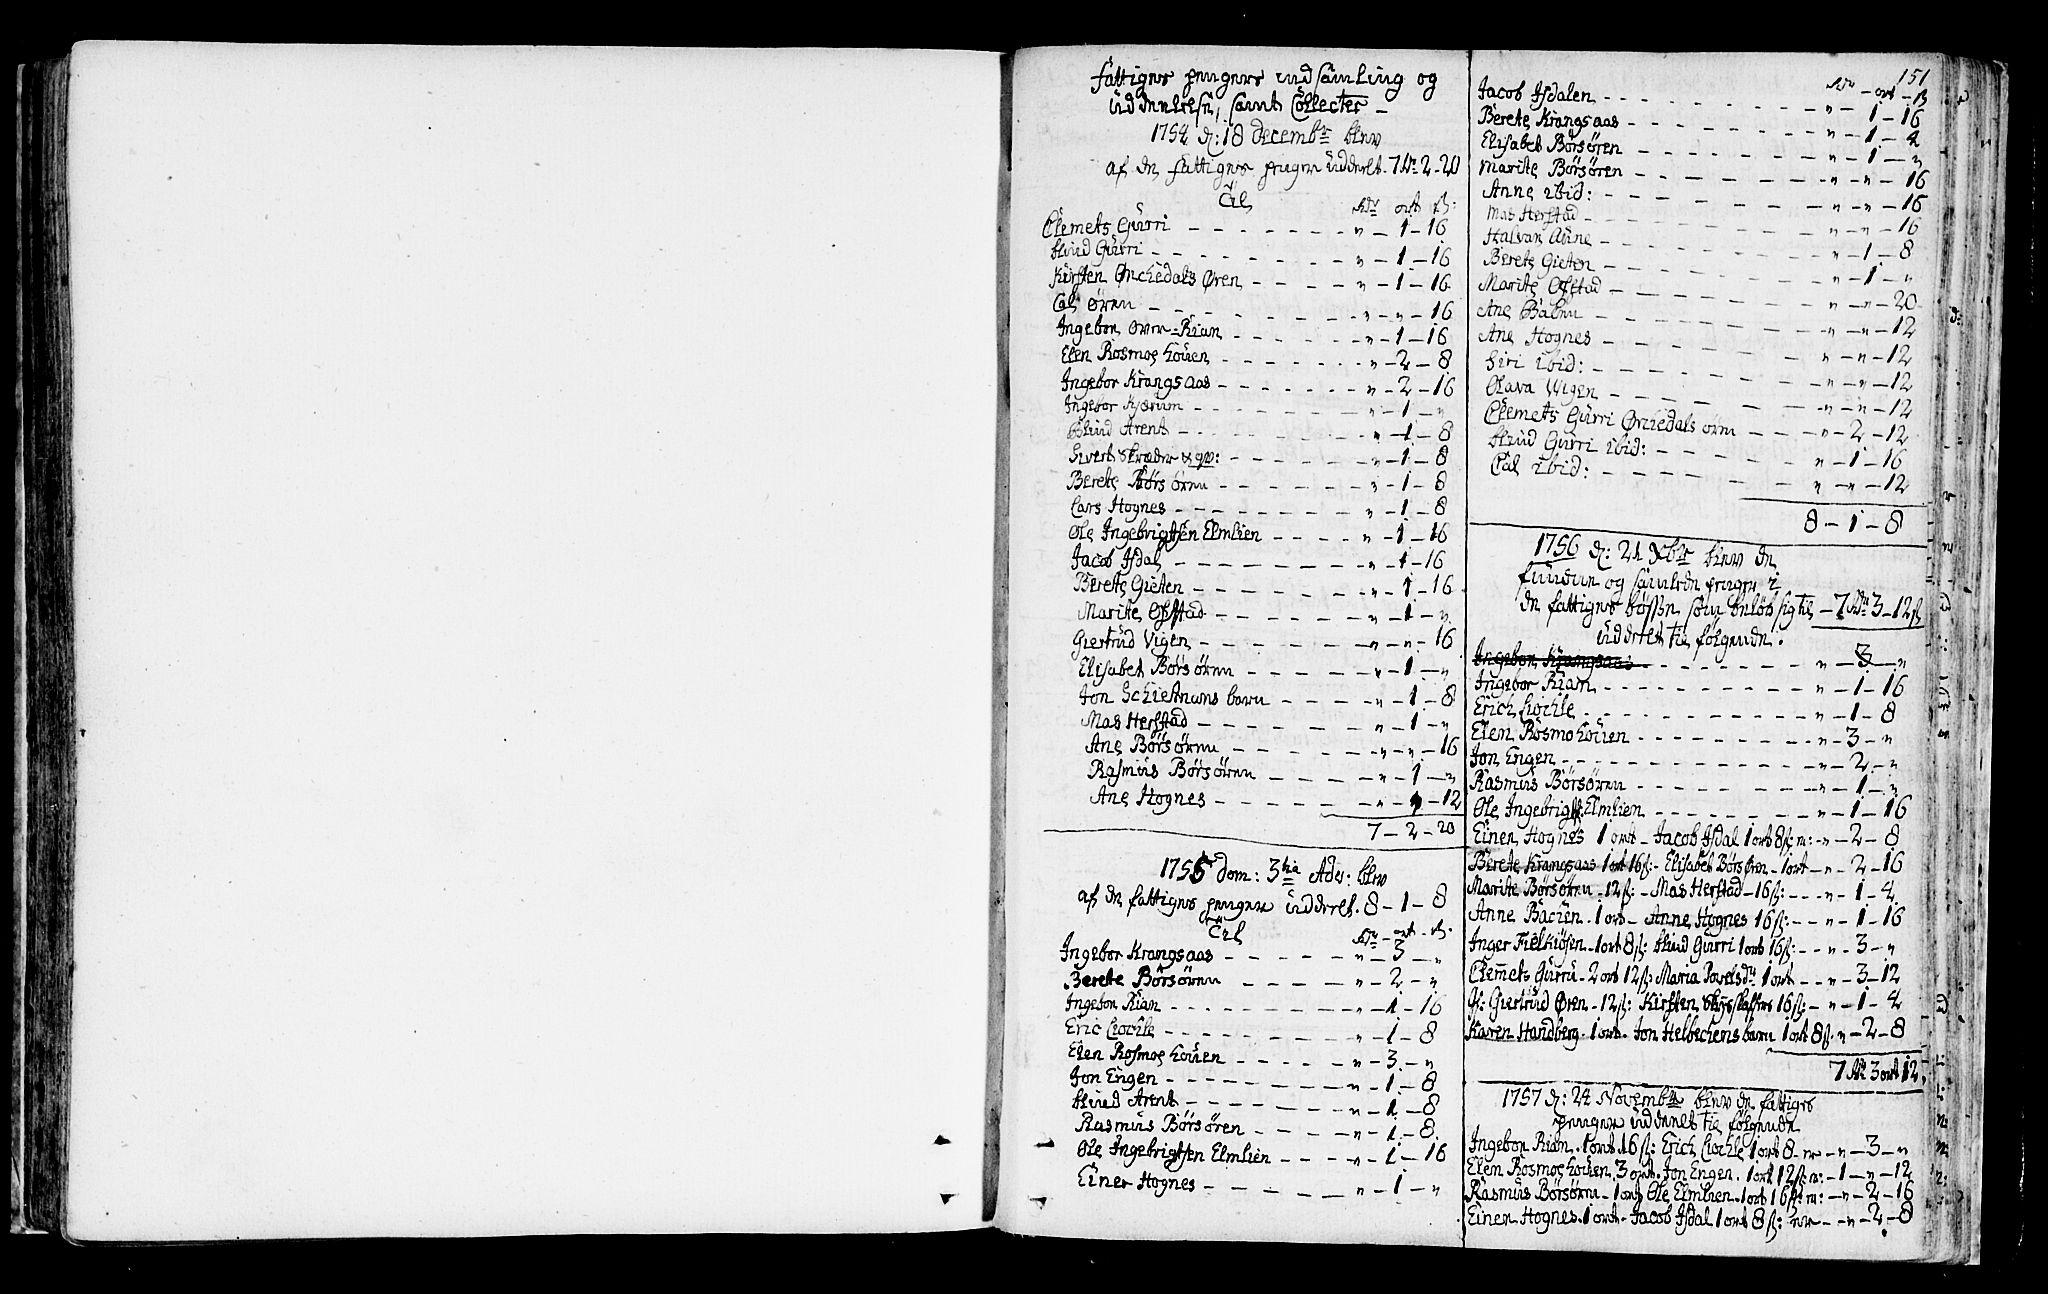 SAT, Ministerialprotokoller, klokkerbøker og fødselsregistre - Sør-Trøndelag, 665/L0768: Ministerialbok nr. 665A03, 1754-1803, s. 151